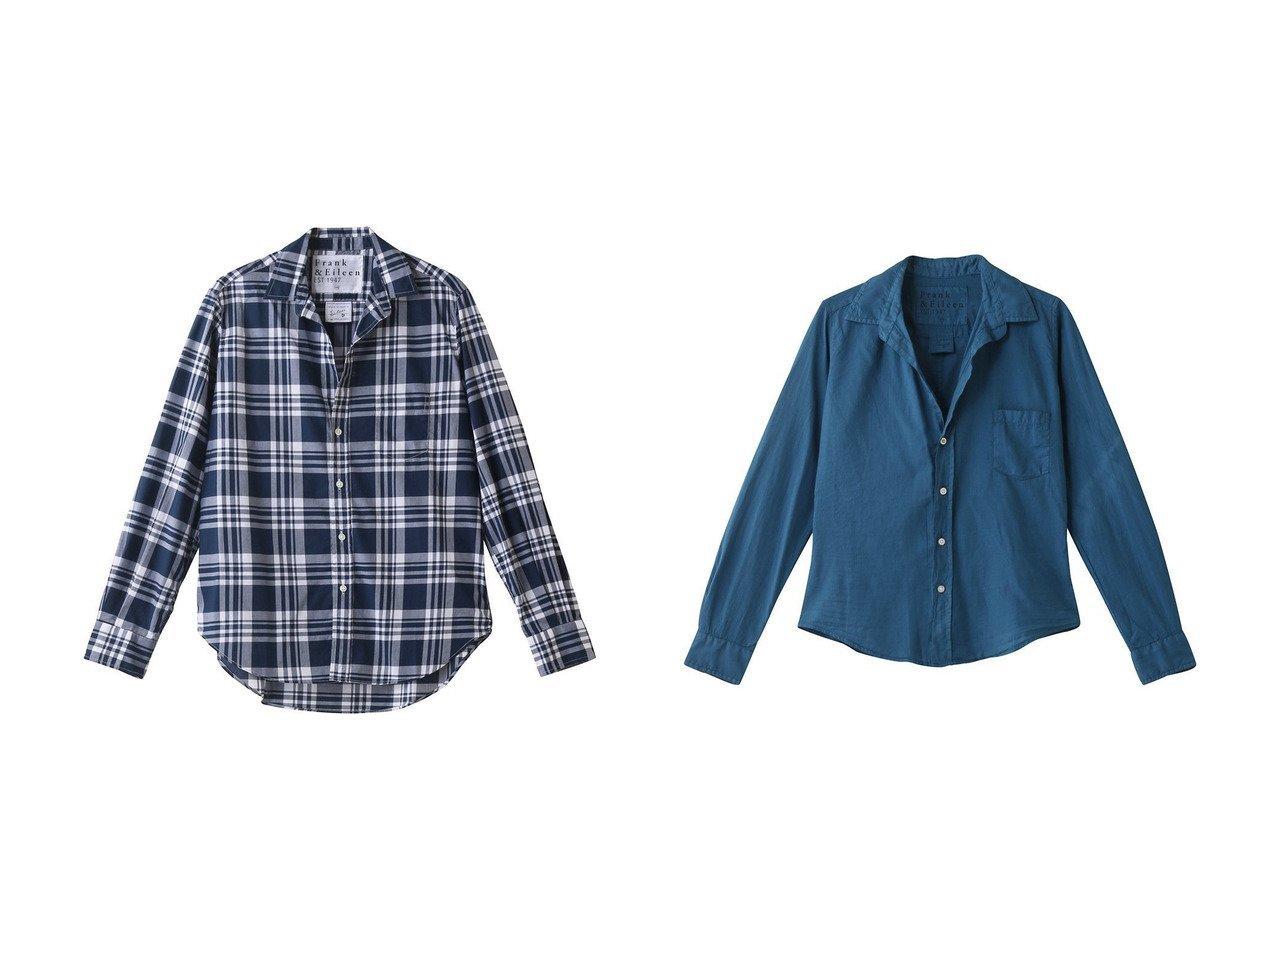 【Frank&Eileen/フランク&アイリーン】のEILEEN LIMITED EDITION イタリアンコットン チェックシャツ&BARRY オーガニックコットンボイル カラーシャツ 【トップス・カットソー】おすすめ!人気、トレンド・レディースファッションの通販 おすすめで人気の流行・トレンド、ファッションの通販商品 インテリア・家具・メンズファッション・キッズファッション・レディースファッション・服の通販 founy(ファニー) https://founy.com/ ファッション Fashion レディースファッション WOMEN トップス・カットソー Tops/Tshirt シャツ/ブラウス Shirts/Blouses スリーブ チェック バランス ロング |ID:crp329100000071303